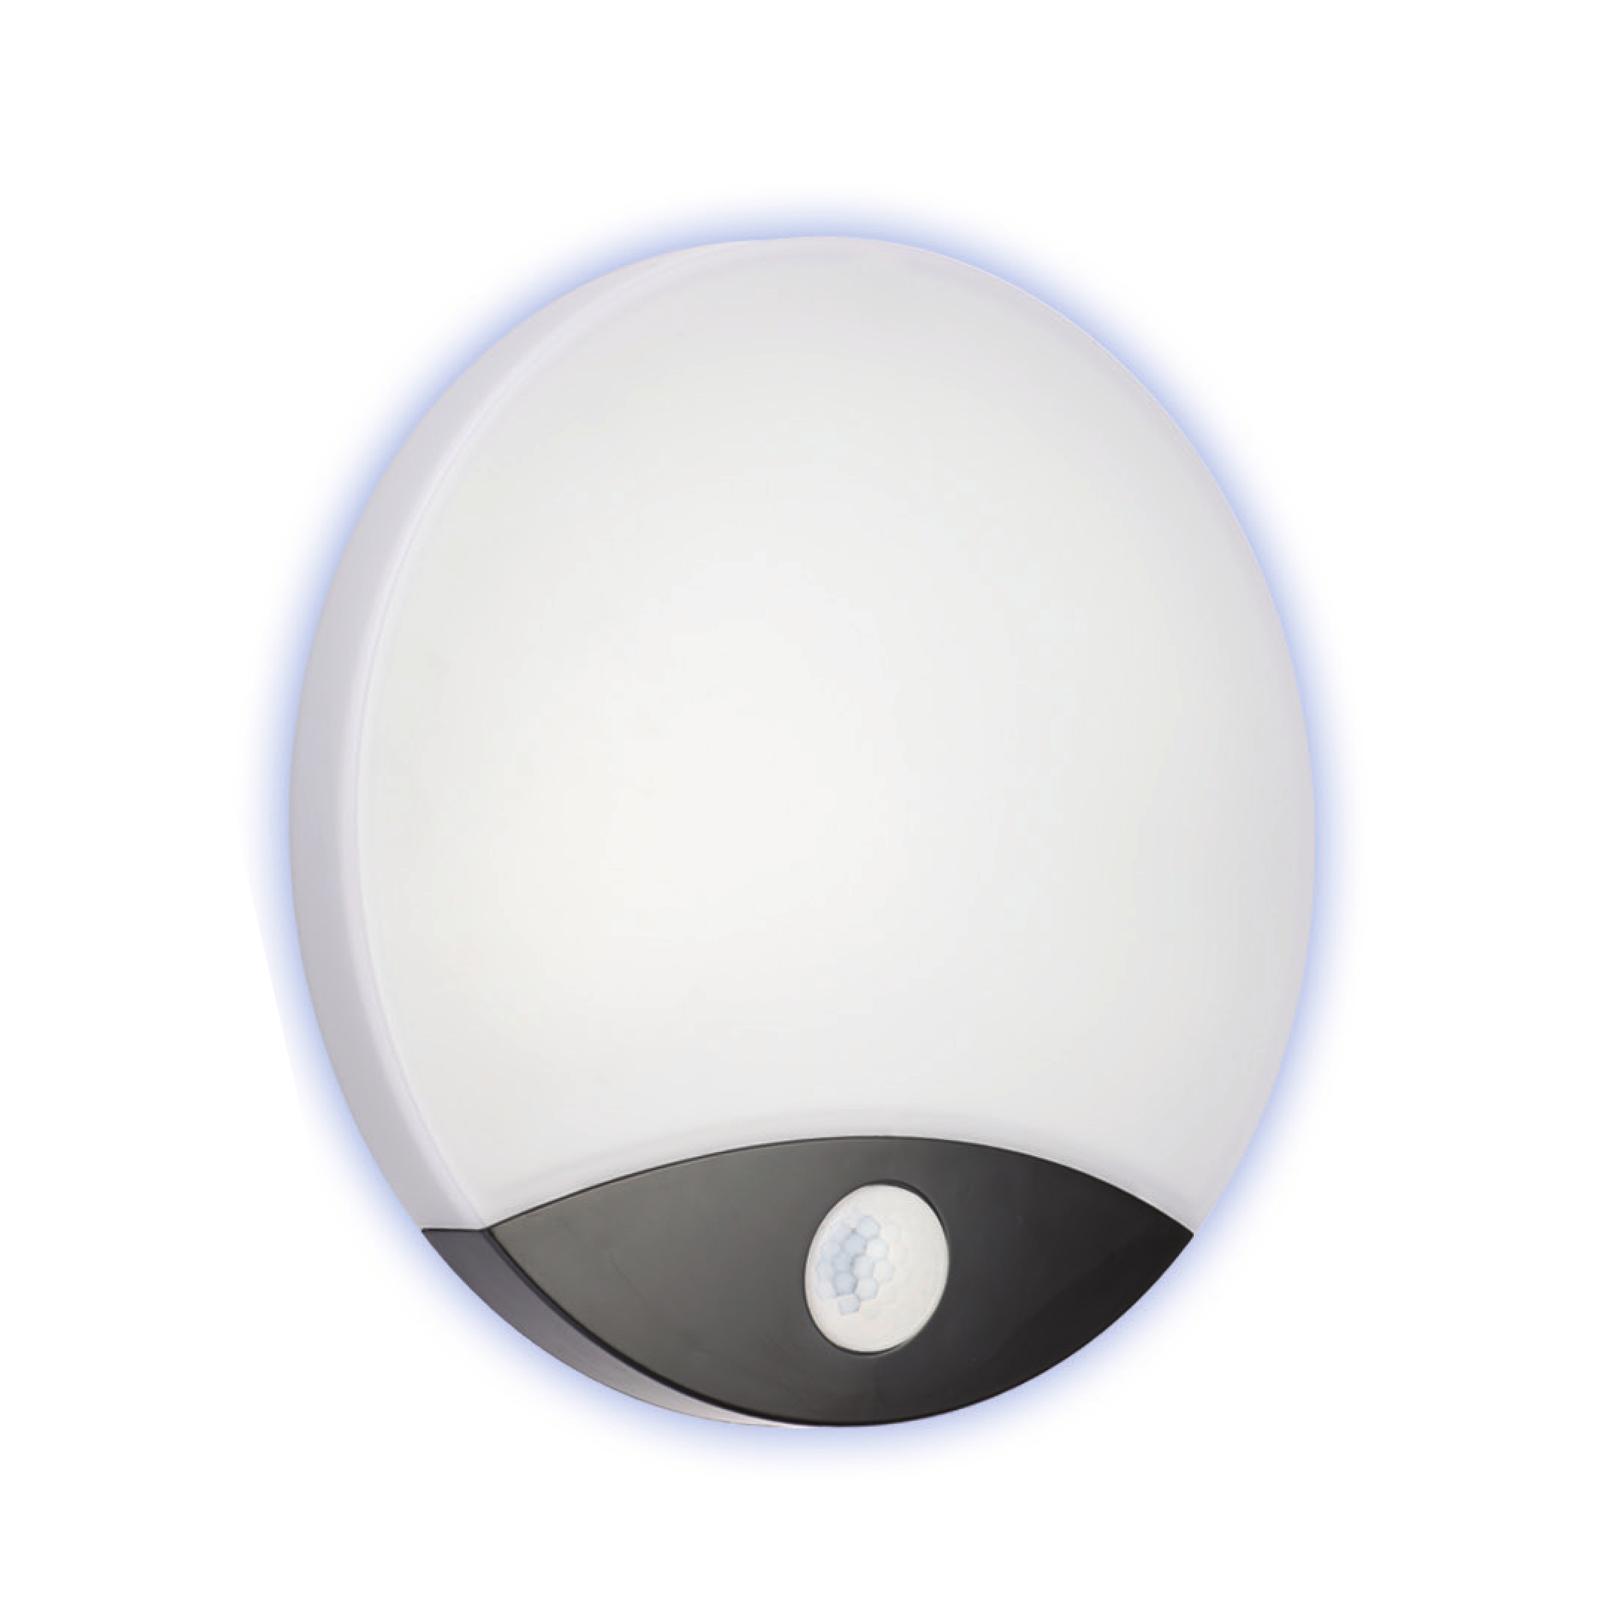 Lampade Per Porticati Esterni lampada da parete plafone per esterno led 10w resa 100w con sensore di  movimento pir